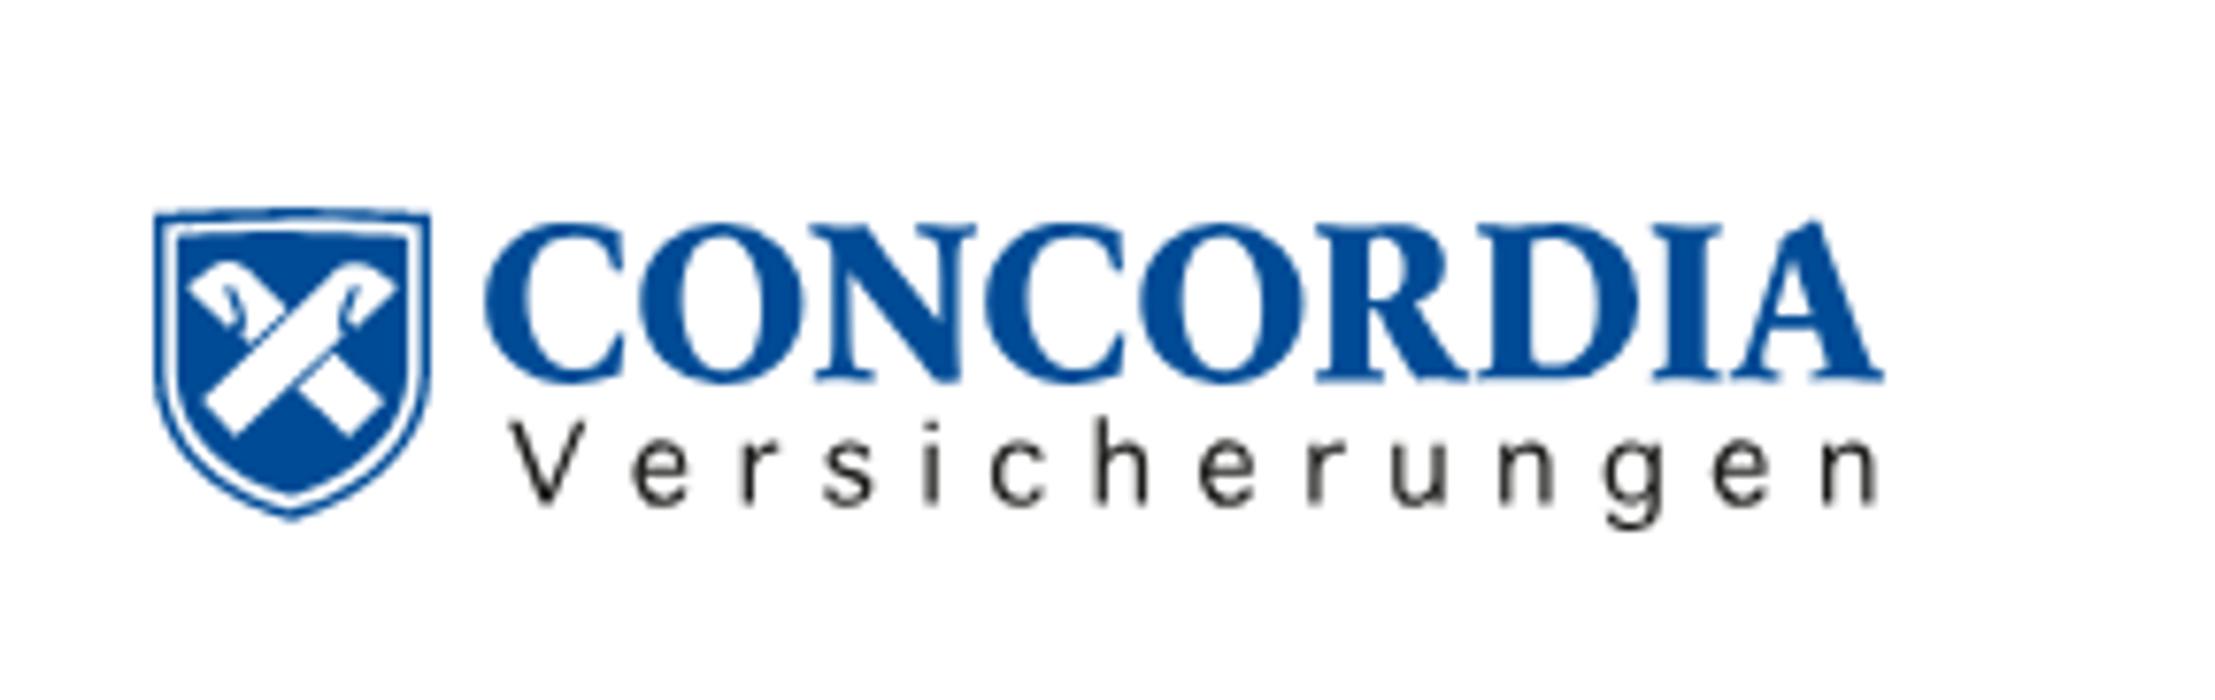 Bild zu Concordia Versicherungen, Generalagentur Stricker Dominik in Moosinning